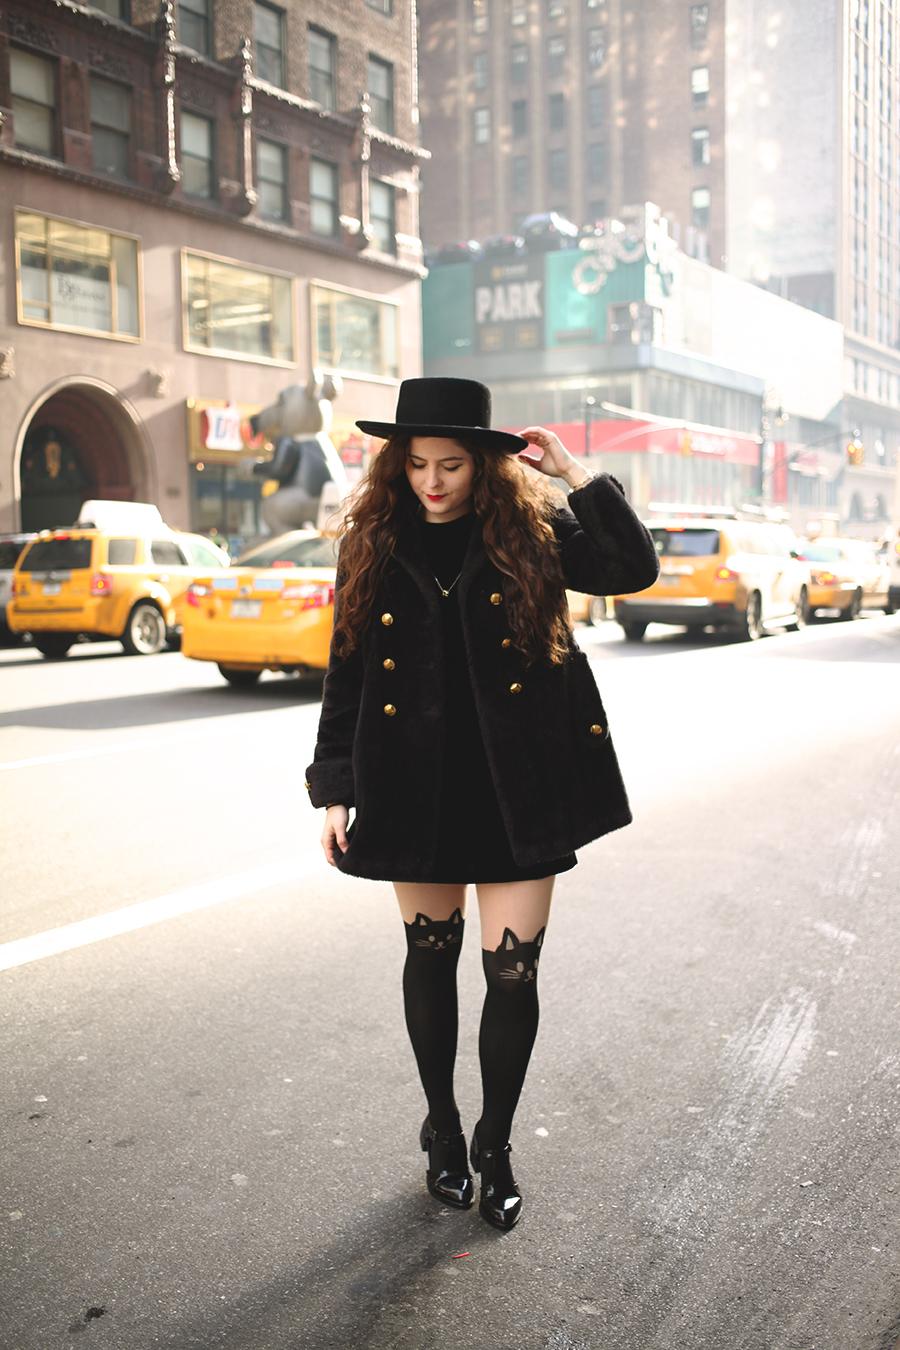 running around the city